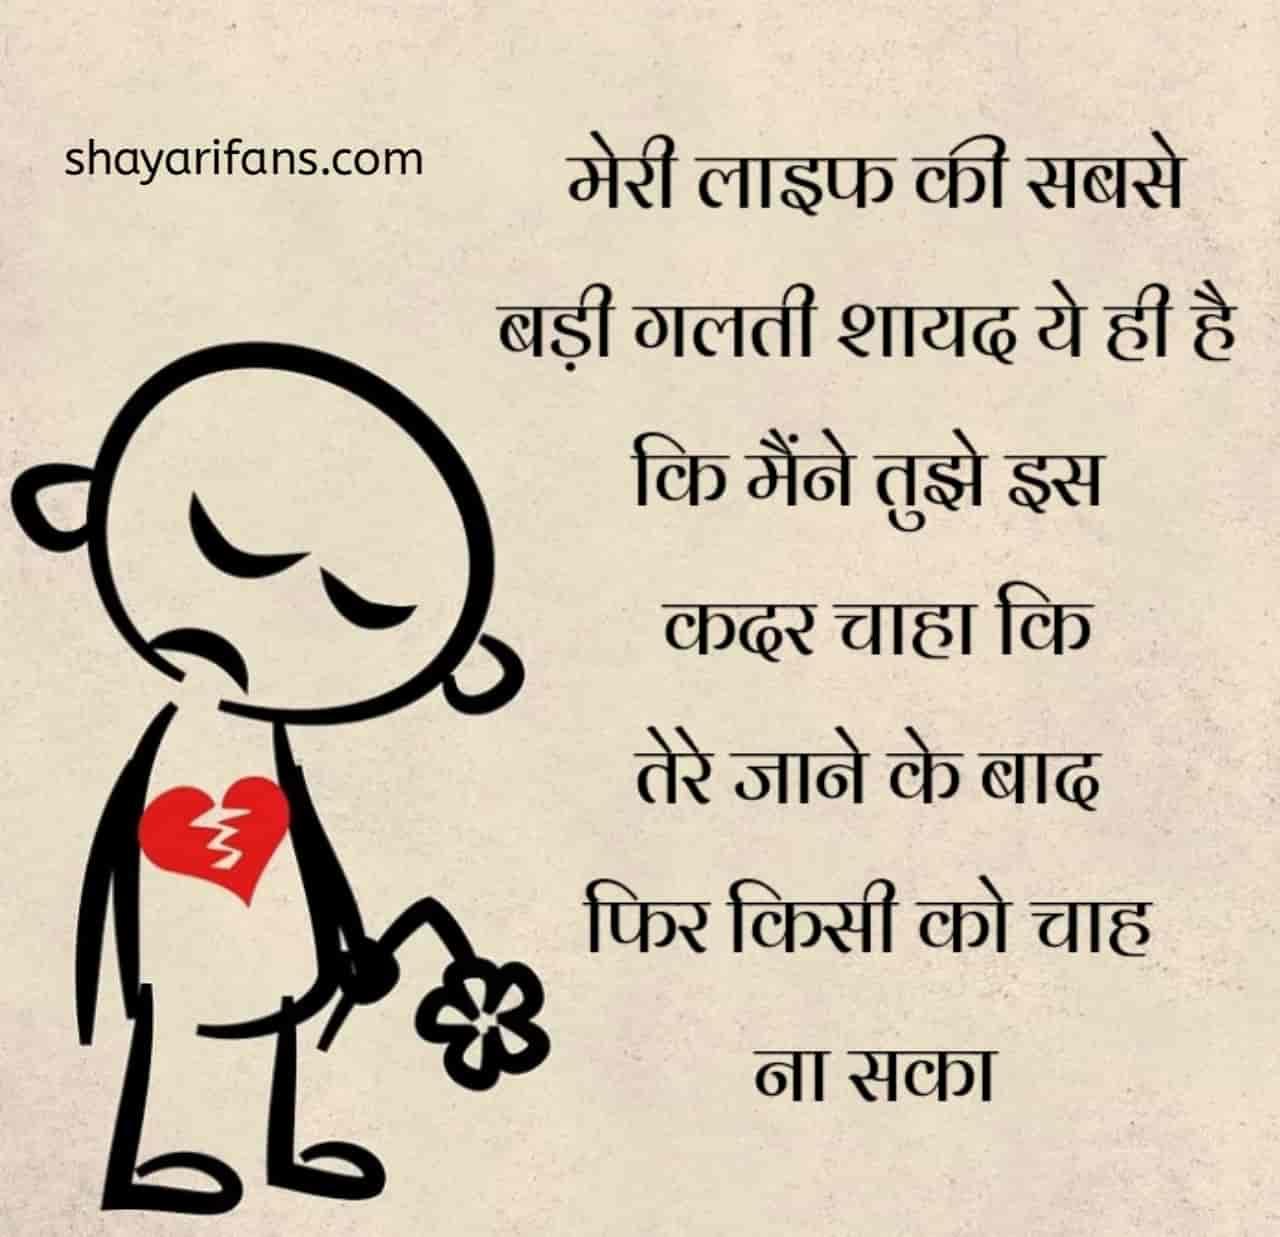 Sad Shayari in Hindi for Love